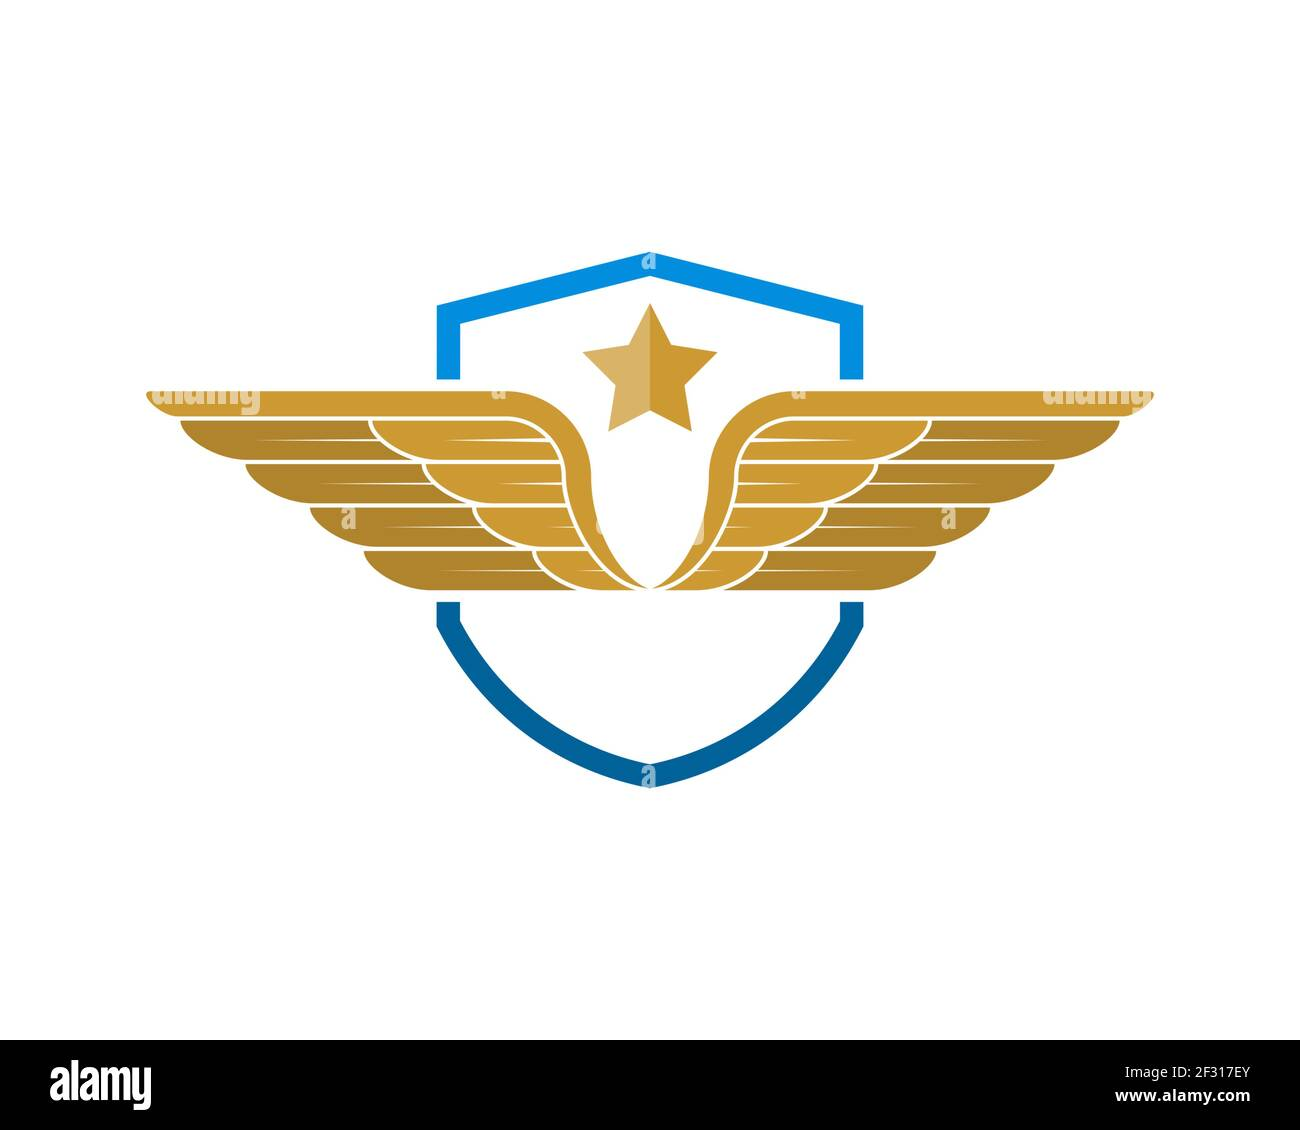 Escudo de protección simple con alas y estrella Foto de stock